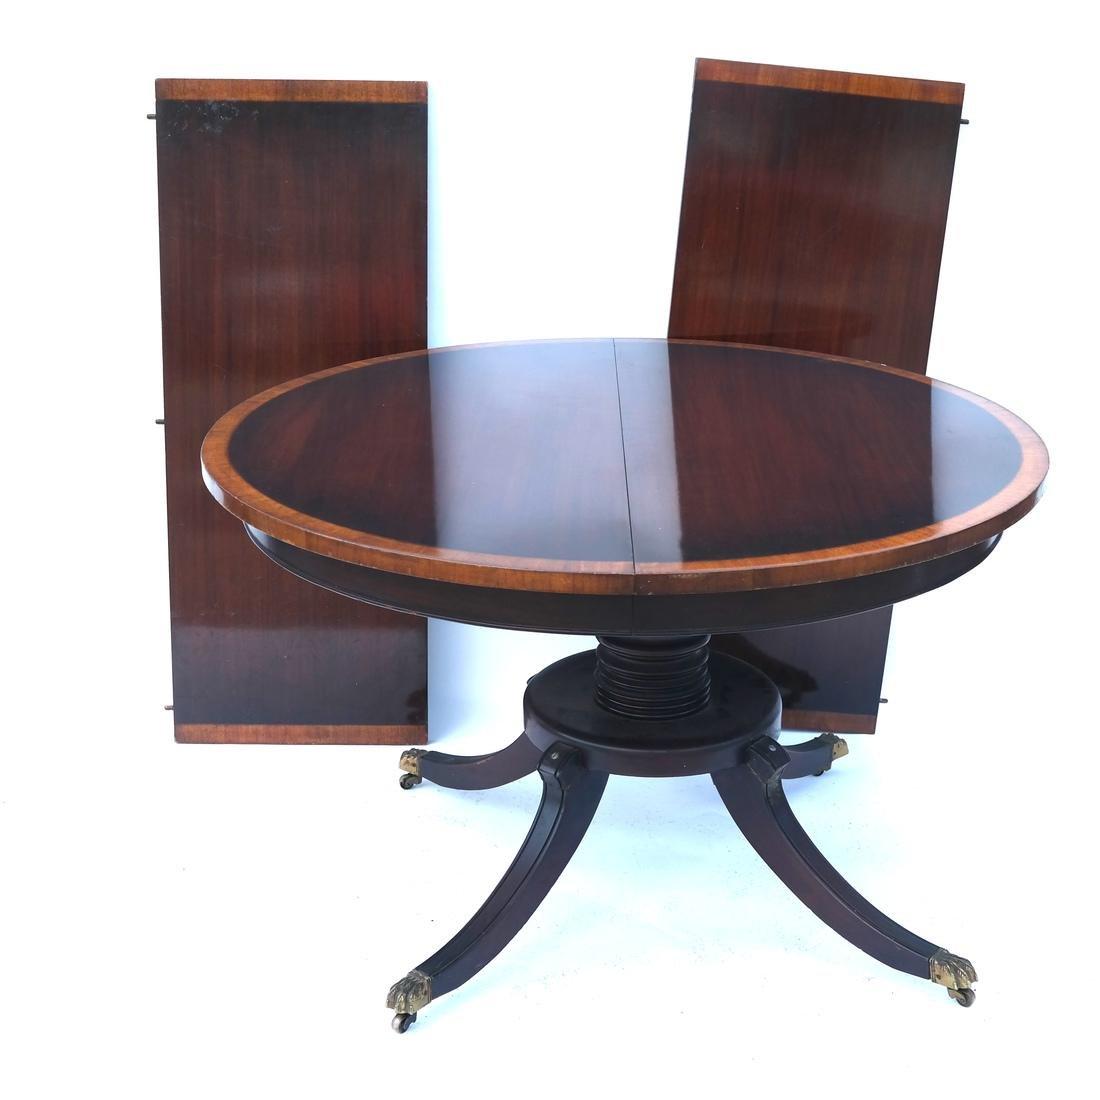 Mahogany Circular Dining Room Table - 2